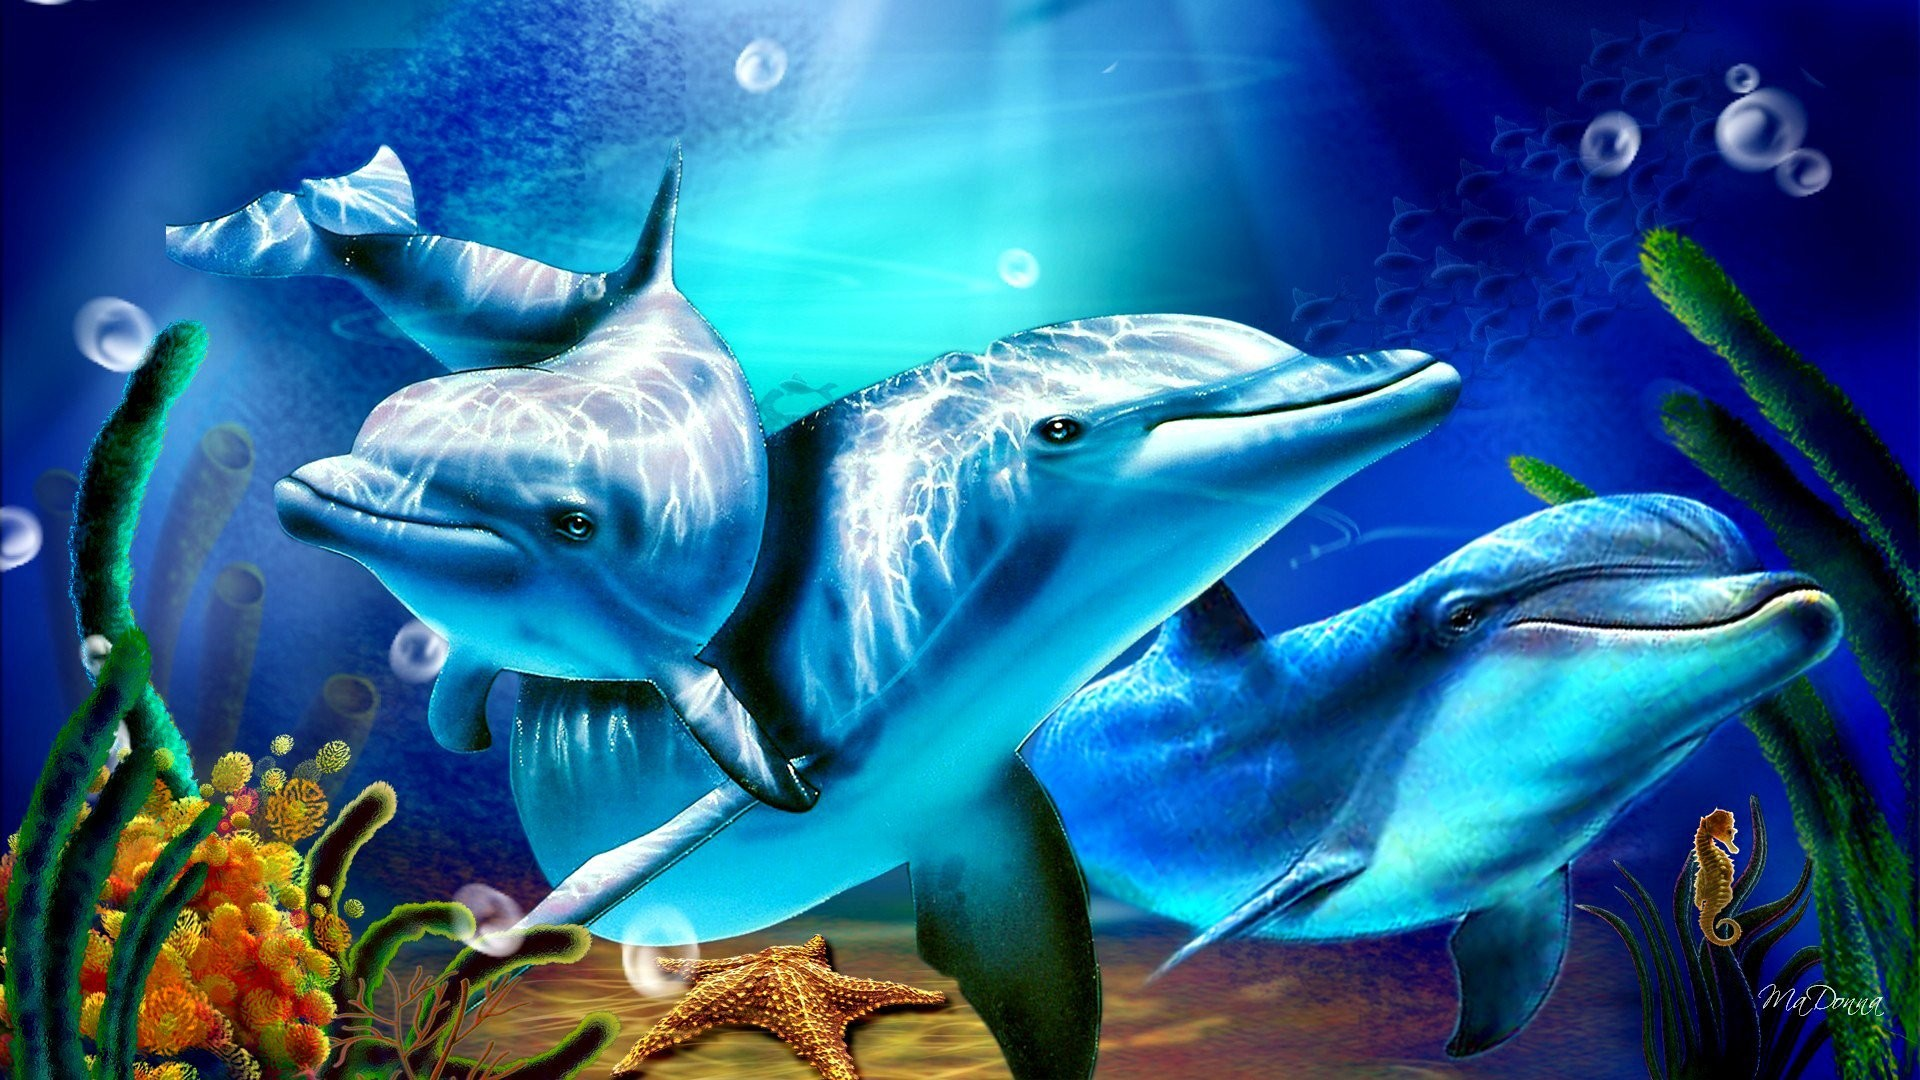 Res: 1920x1080, Tiere - Delfin Tiere Künstlerisch Digitale Kunst Blase Seestern Seahorse  Wallpaper